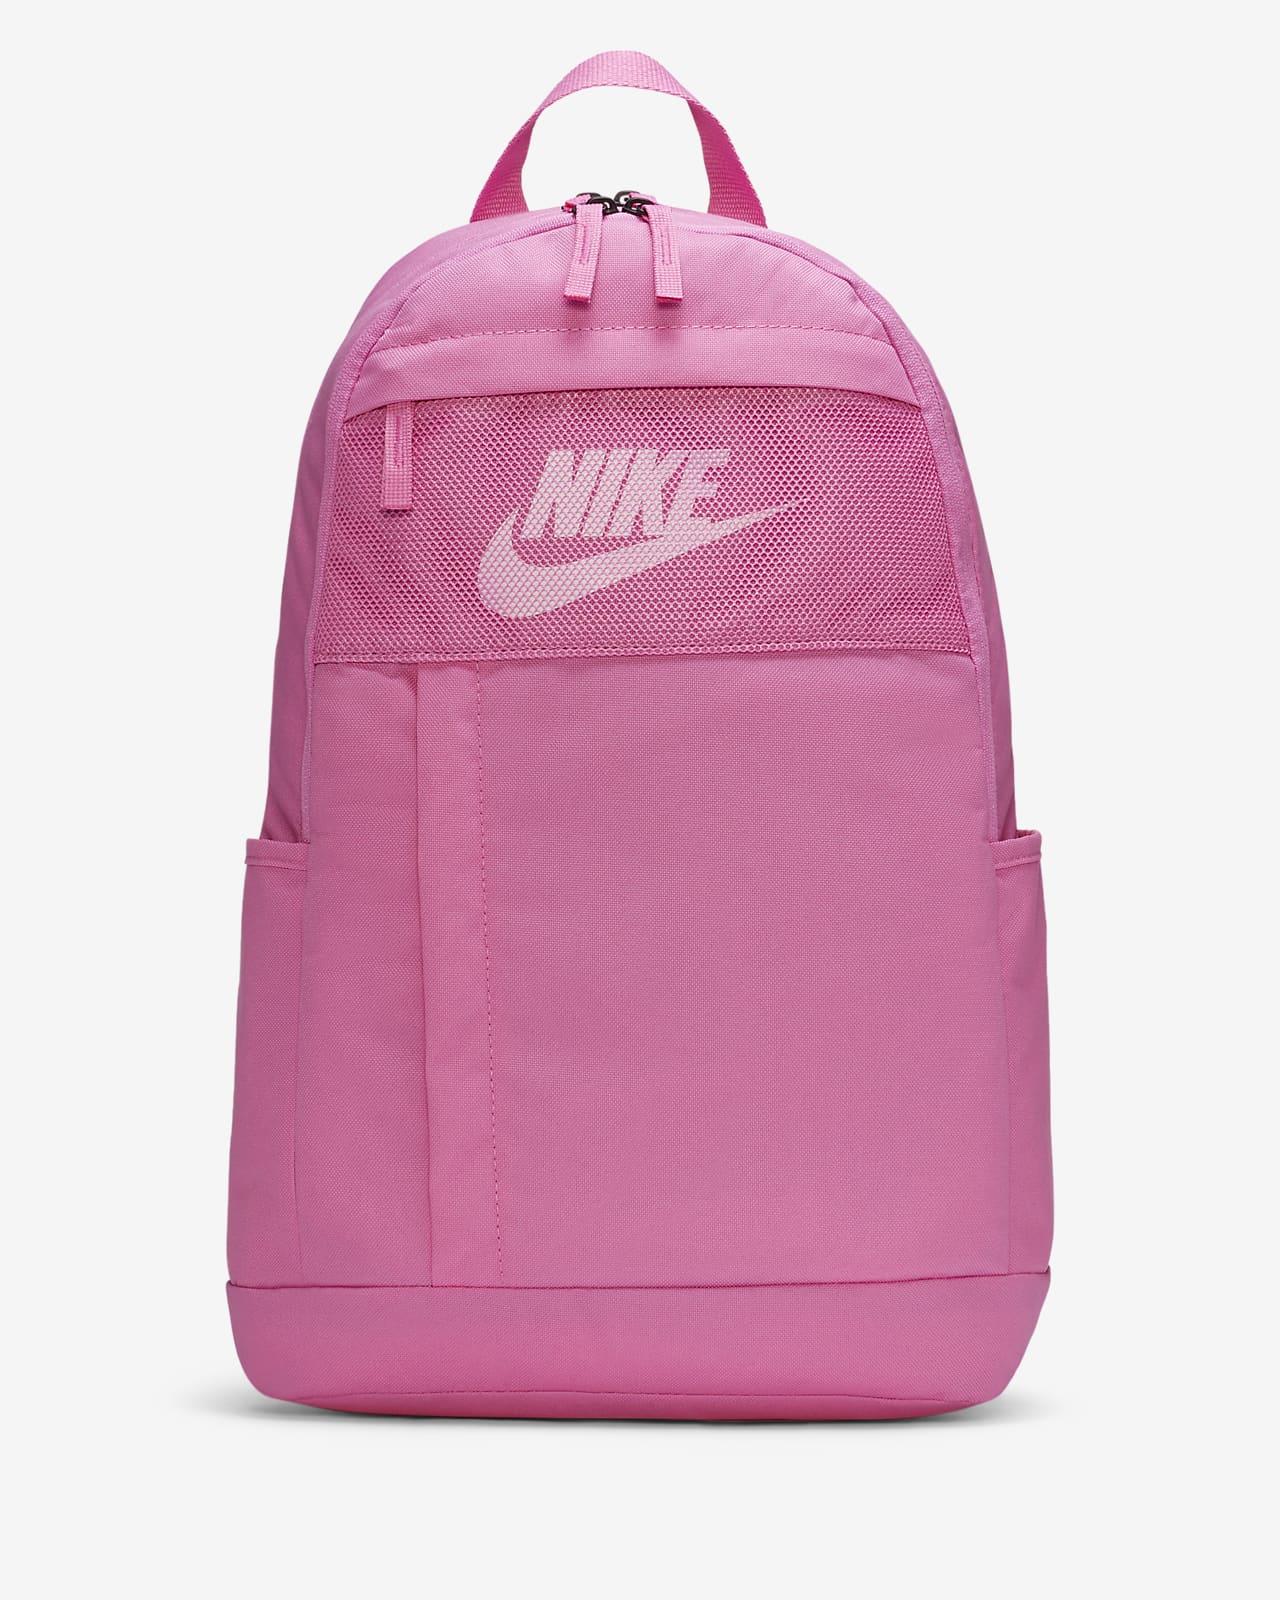 Väskor och ryggsäckar för kvinnor. Nike SE